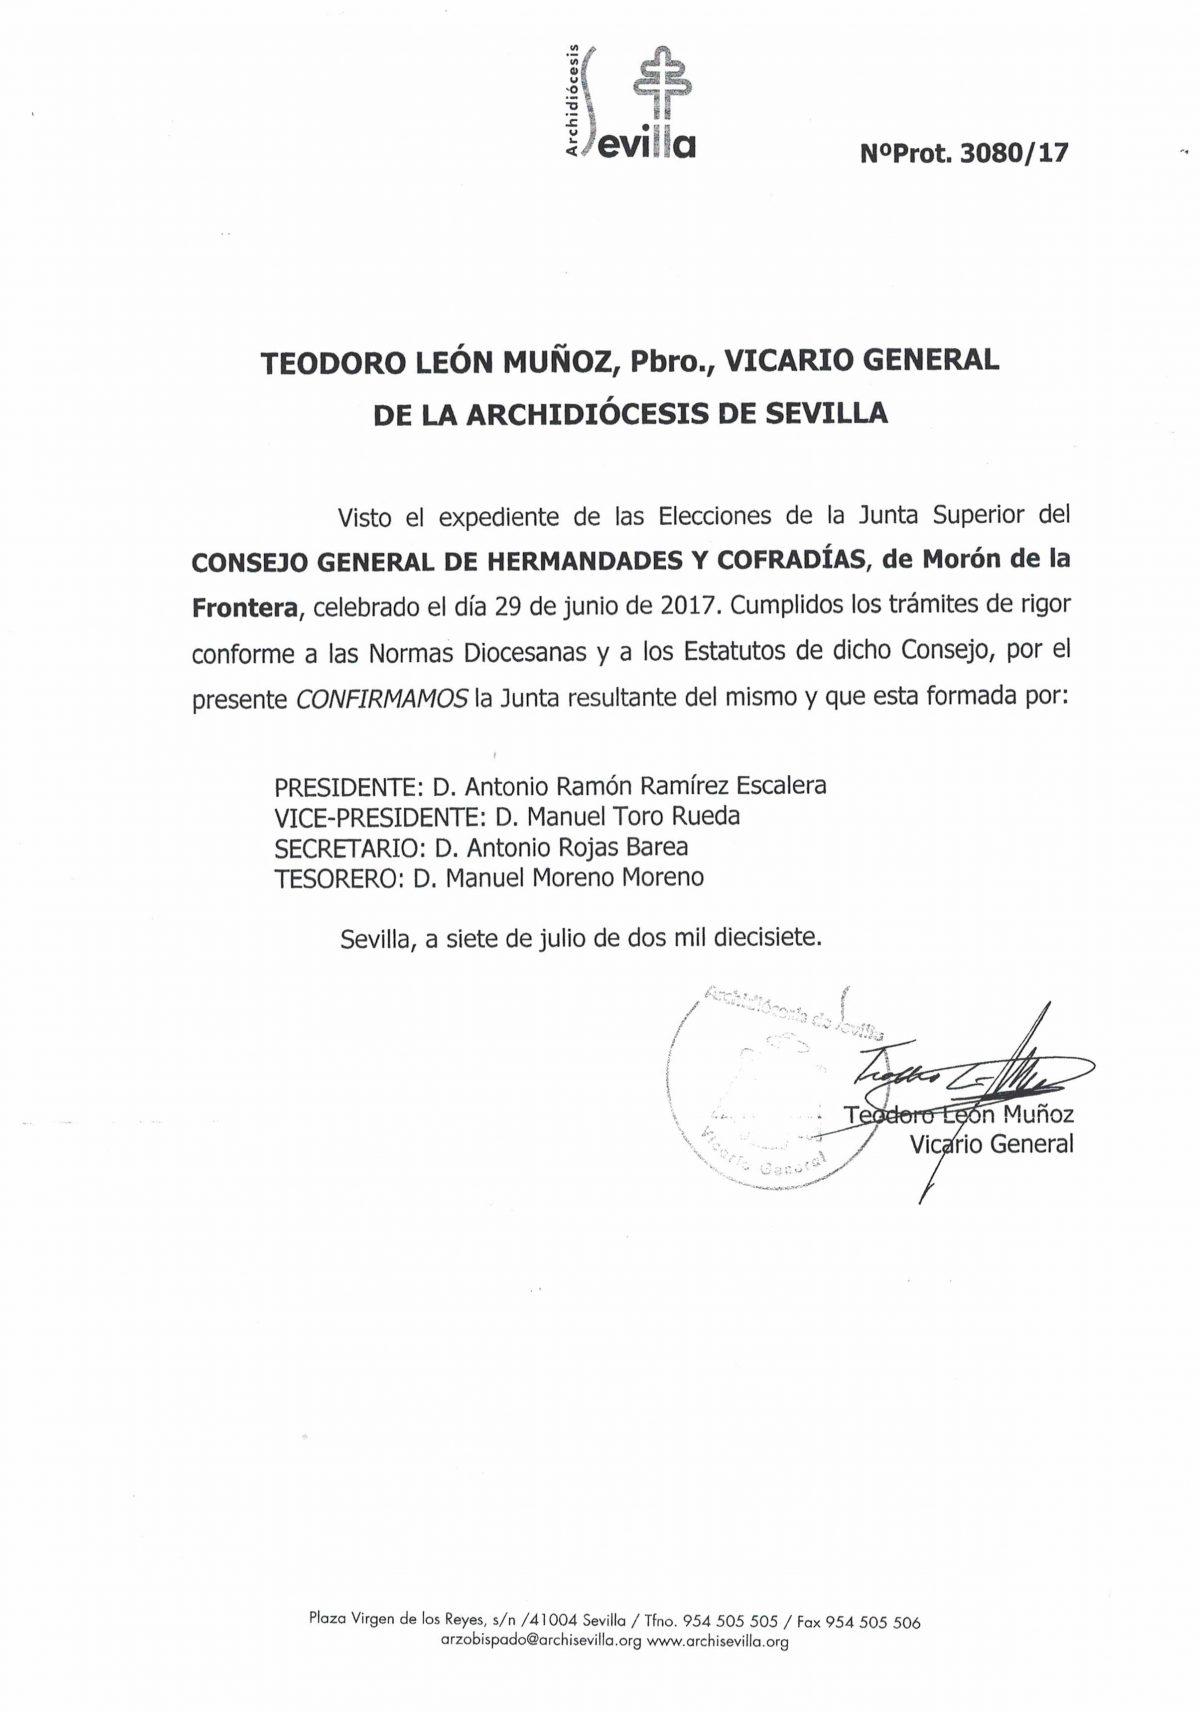 DecretoDeConfirmacion